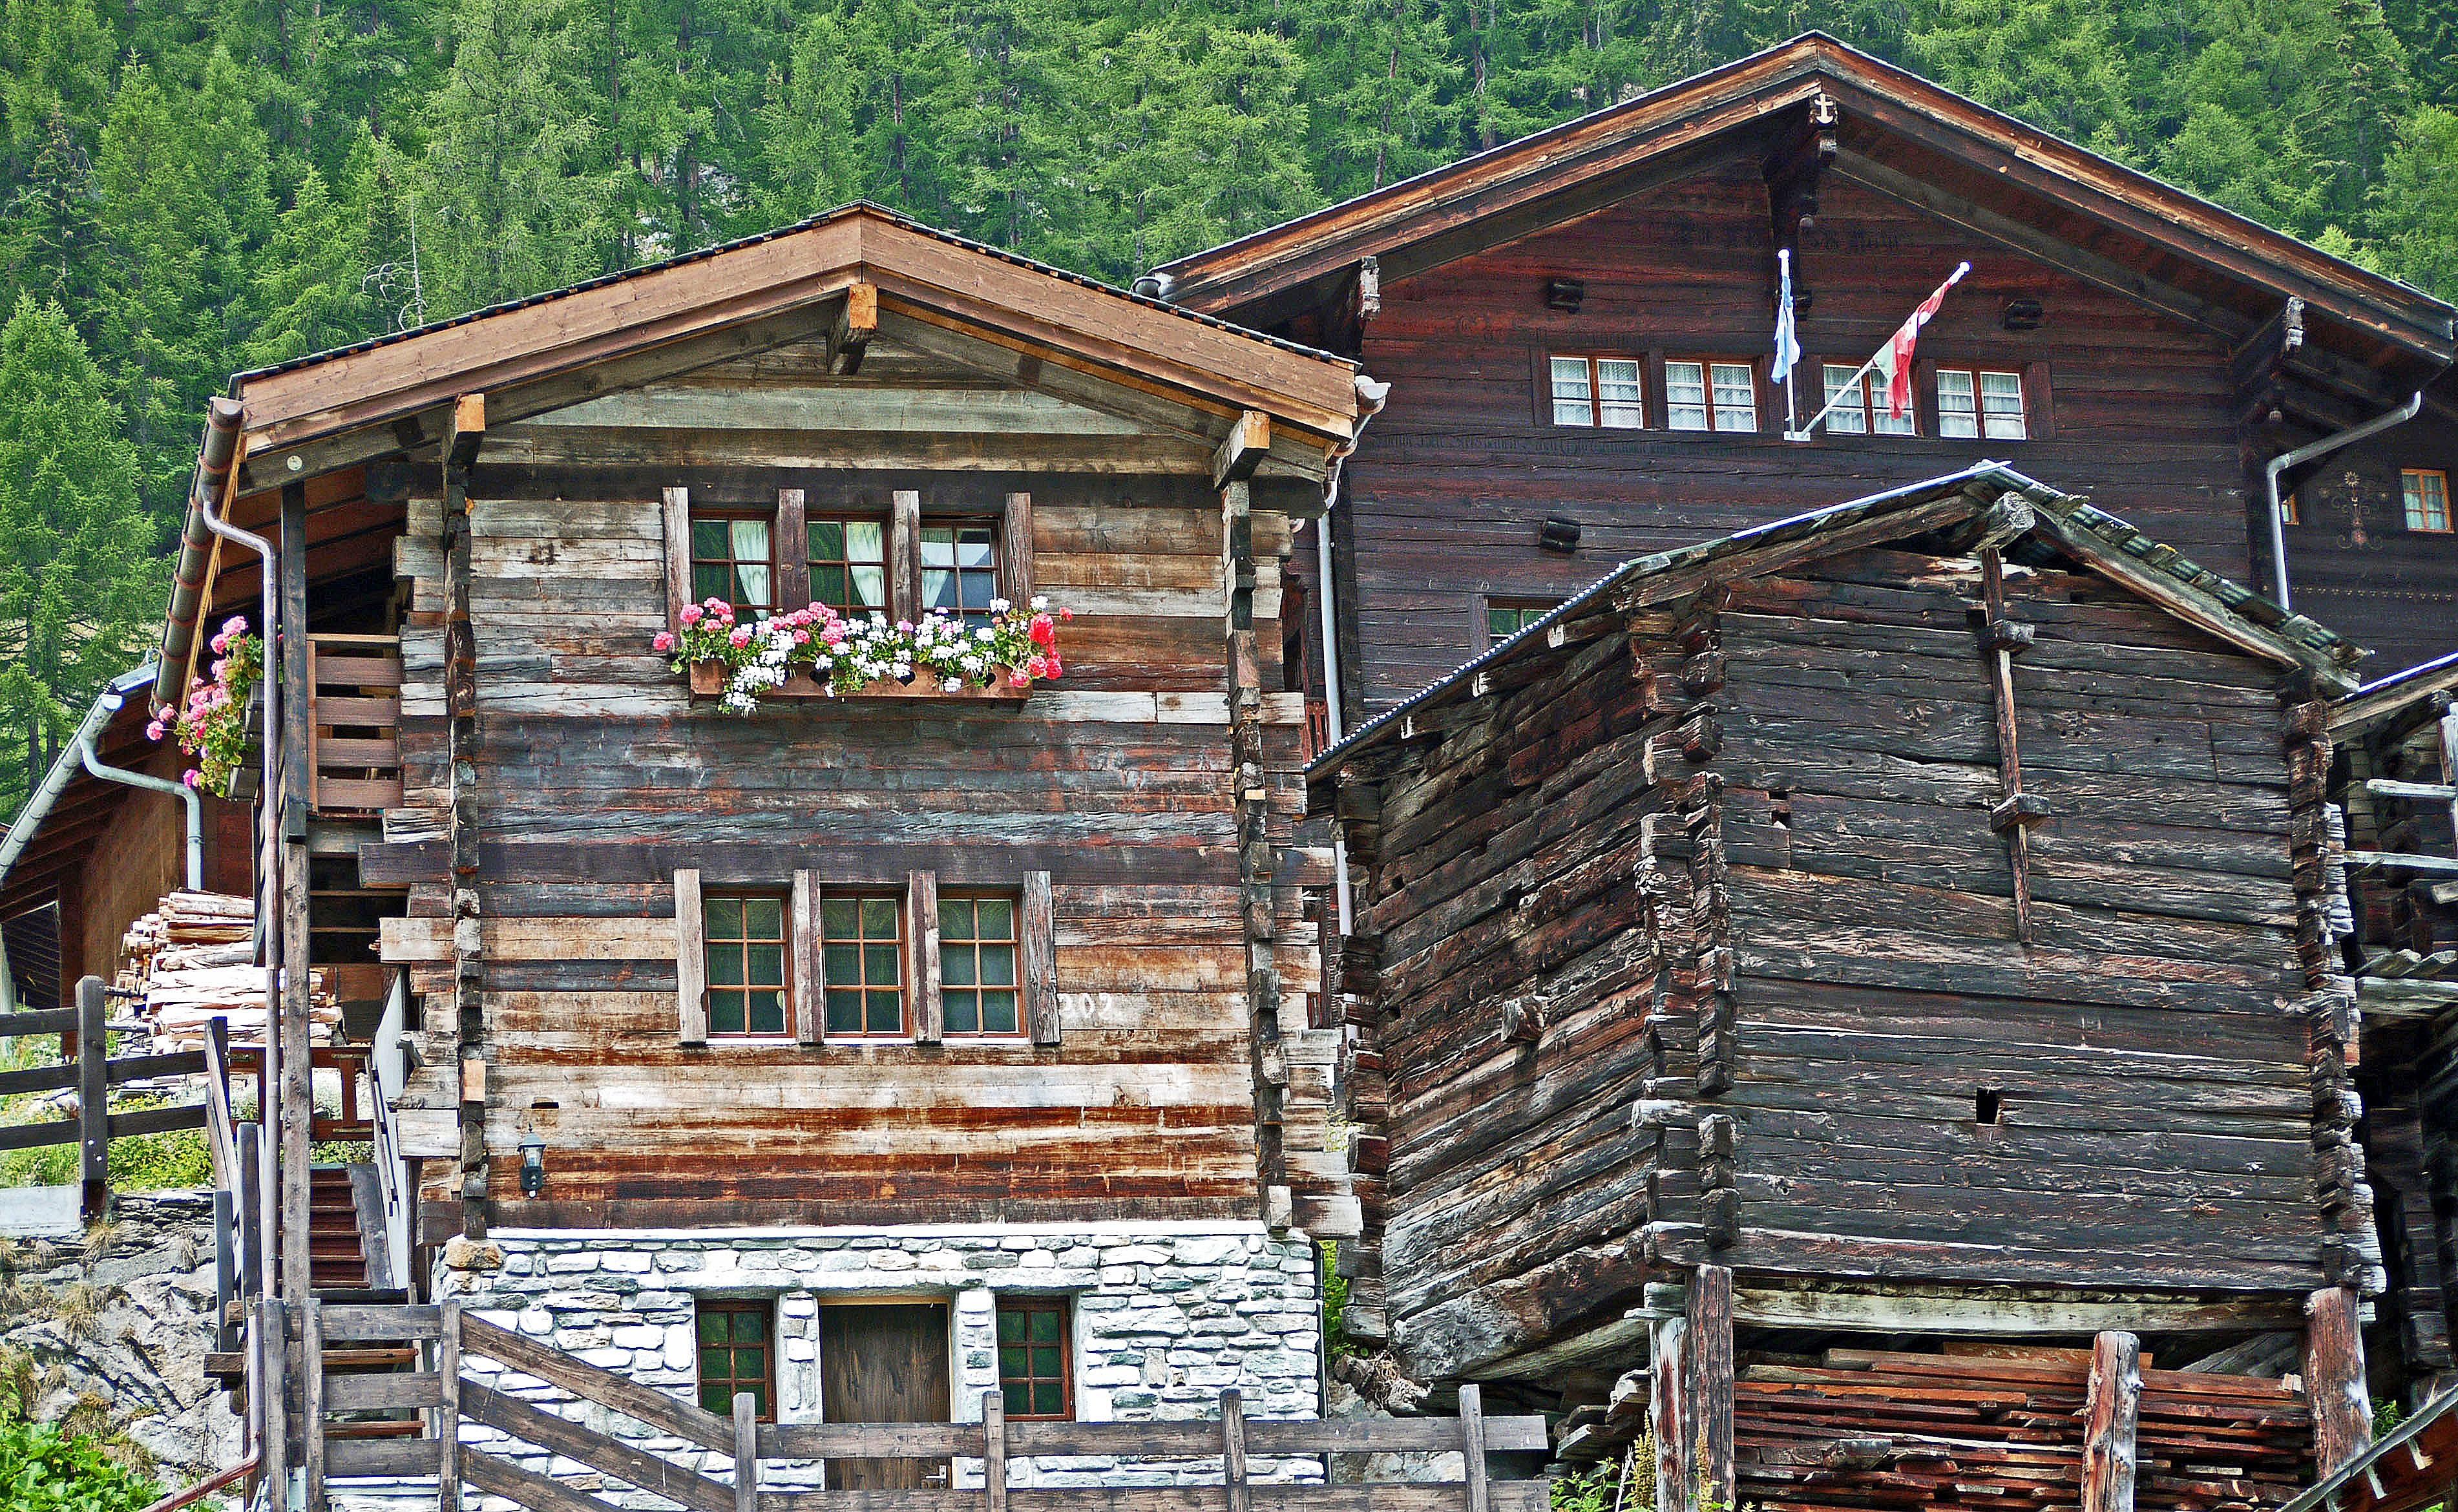 Fotos gratis : techo, edificio, granero, cobertizo, rústico, choza ...